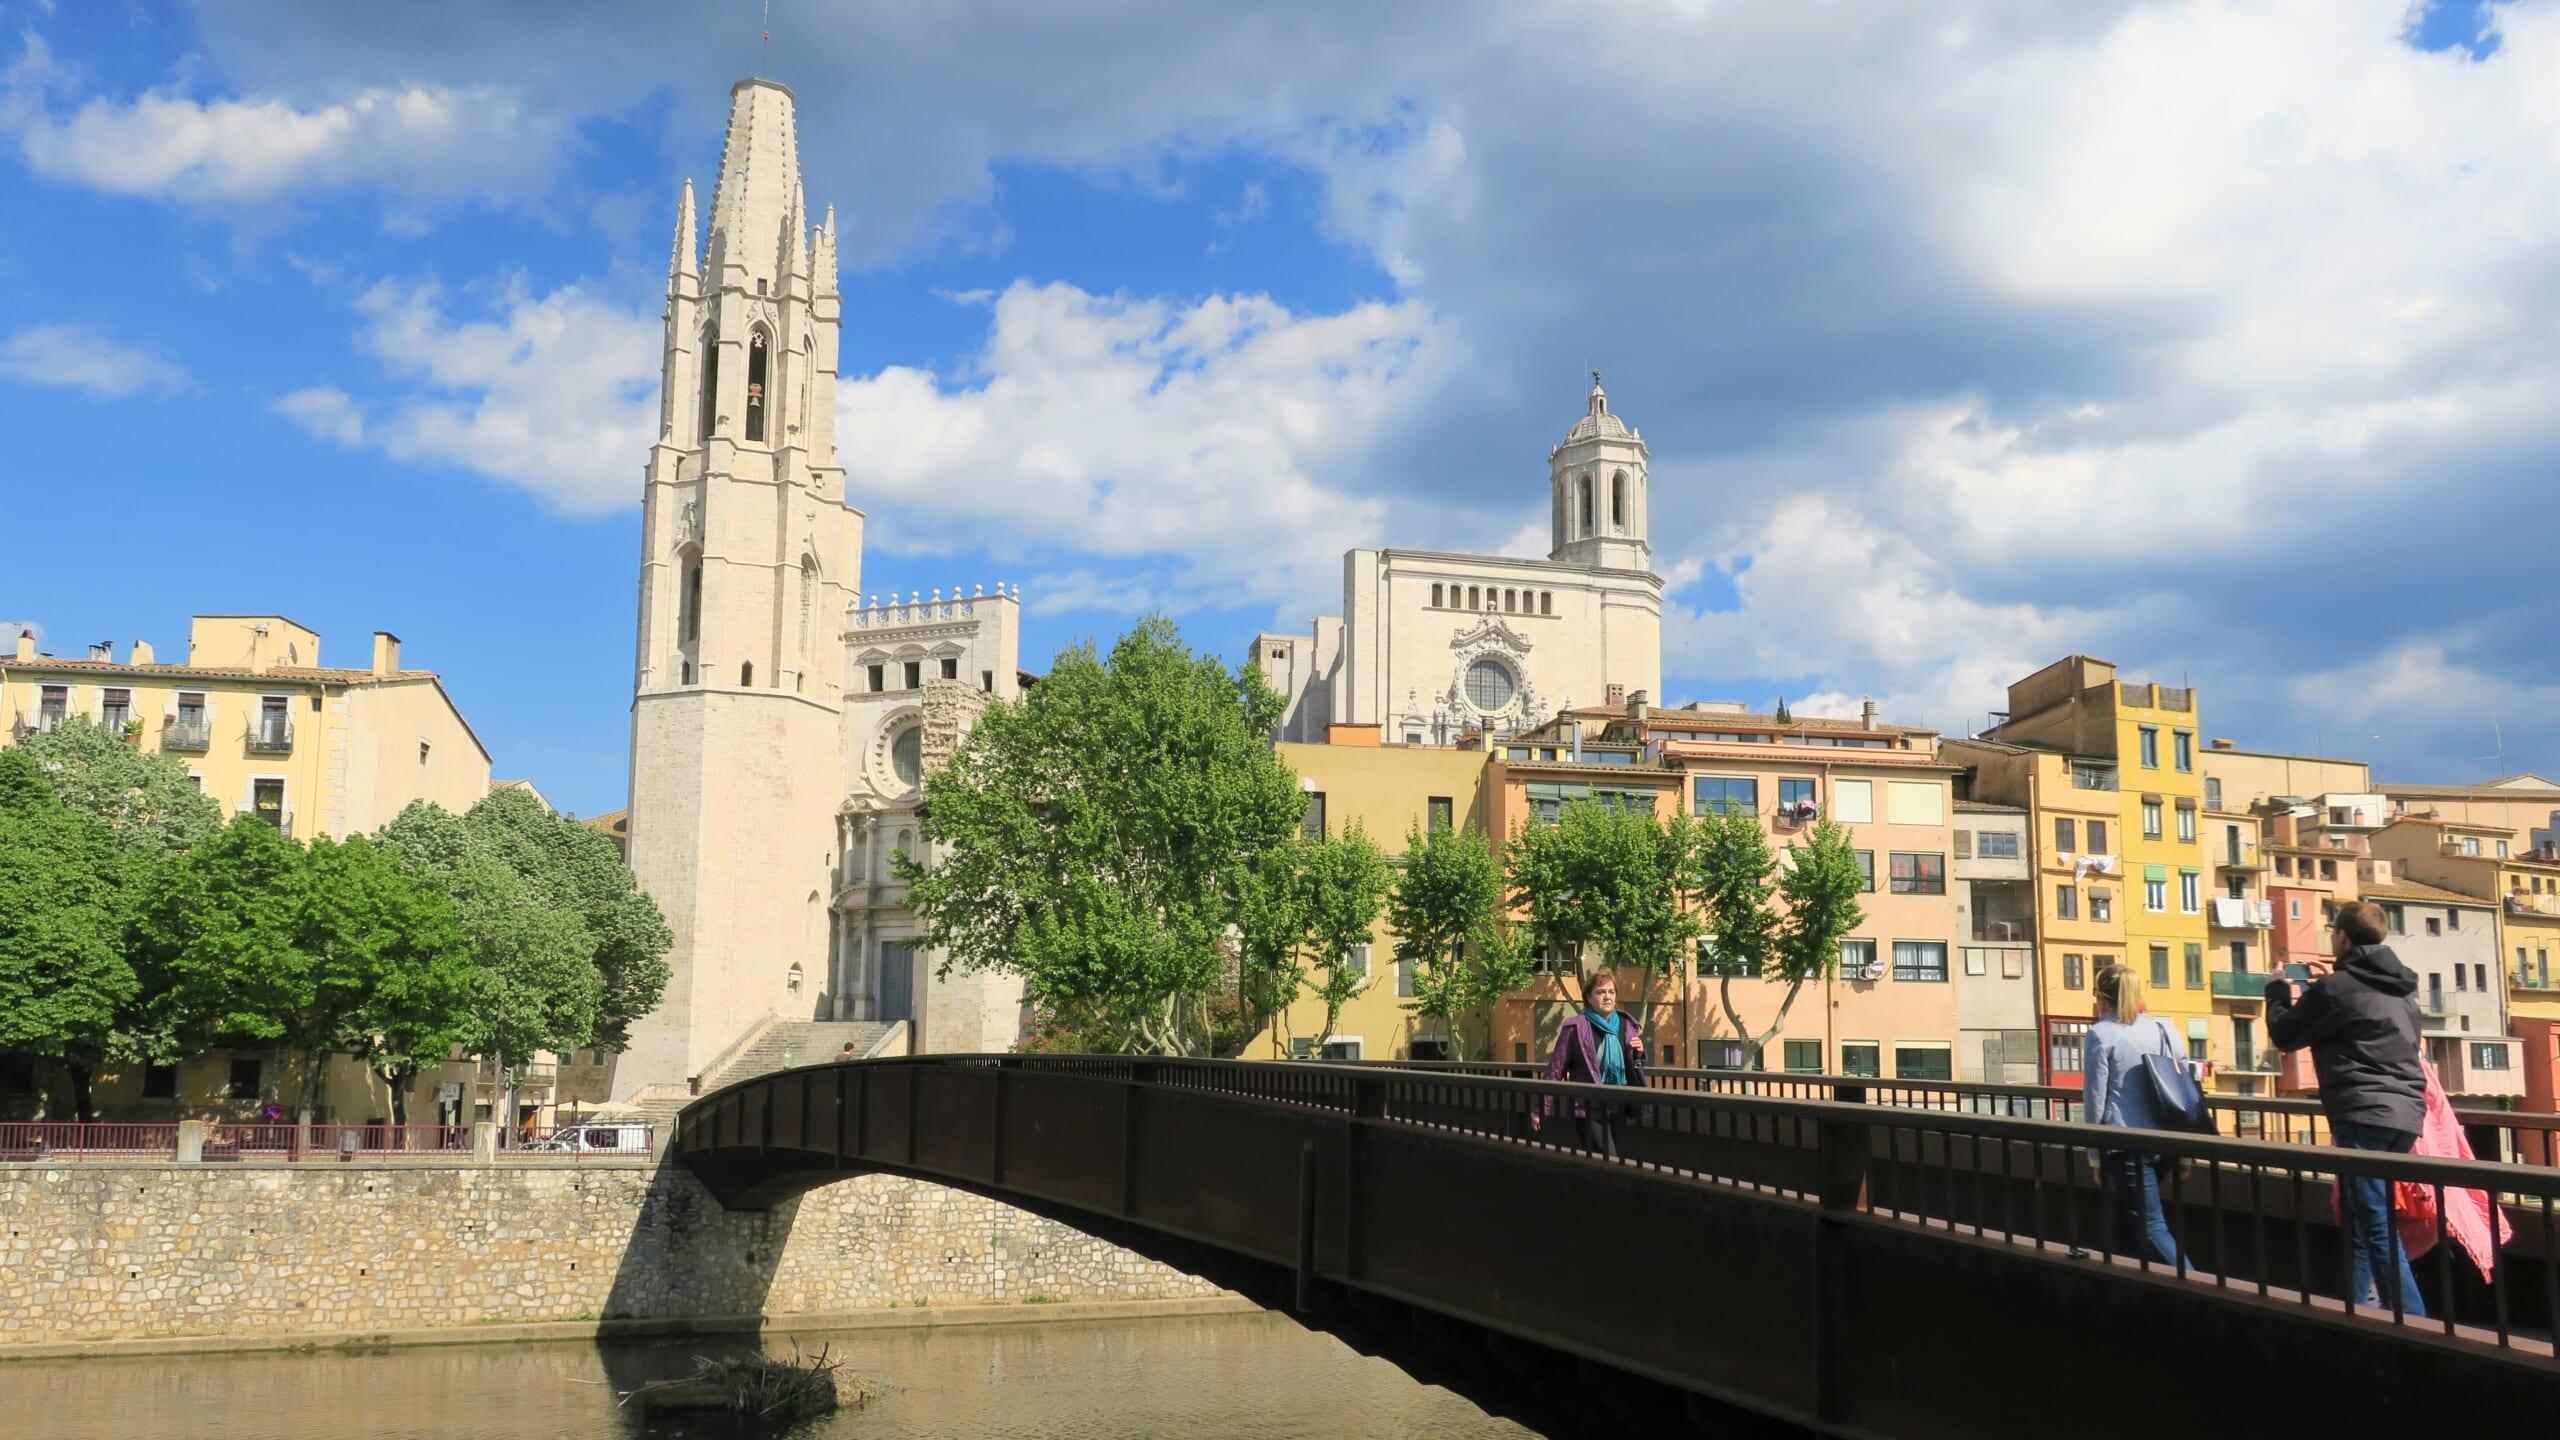 北スペインの観光スポットであるカタルーニャのジローナ